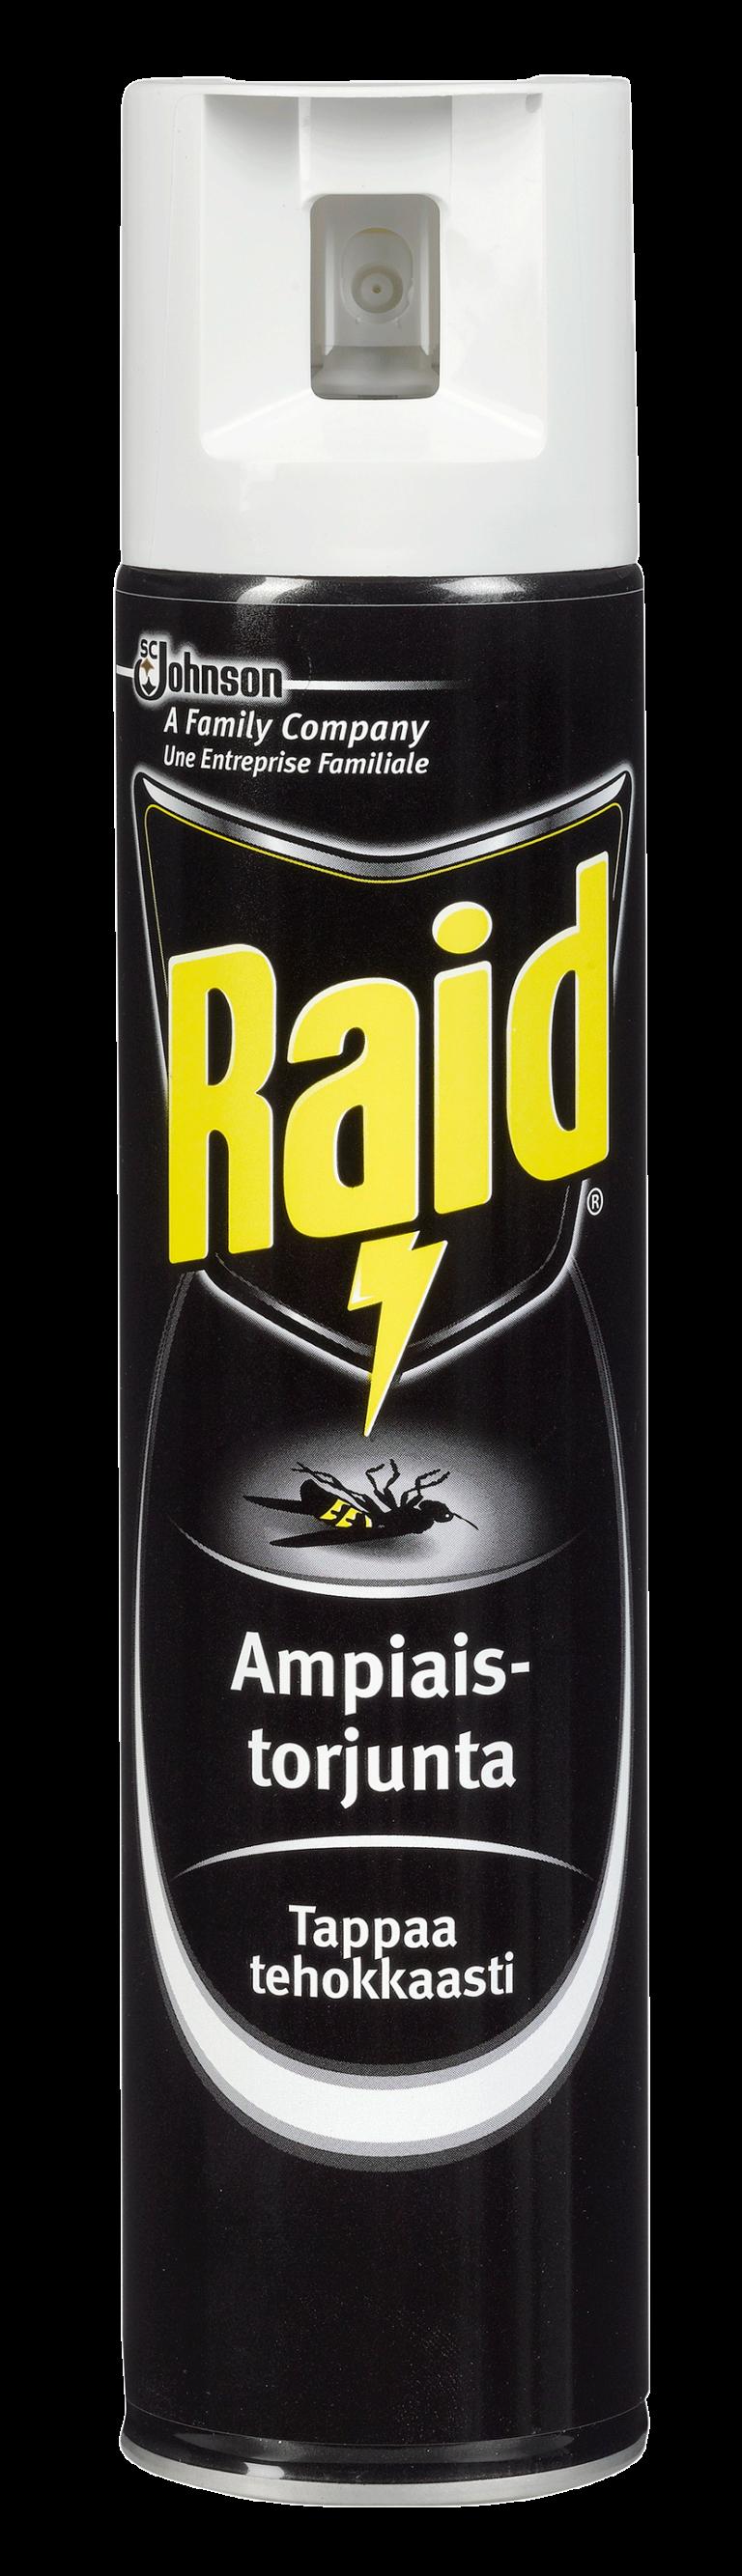 Ampiaistorjunta ja ampiaiskarkotin Raid